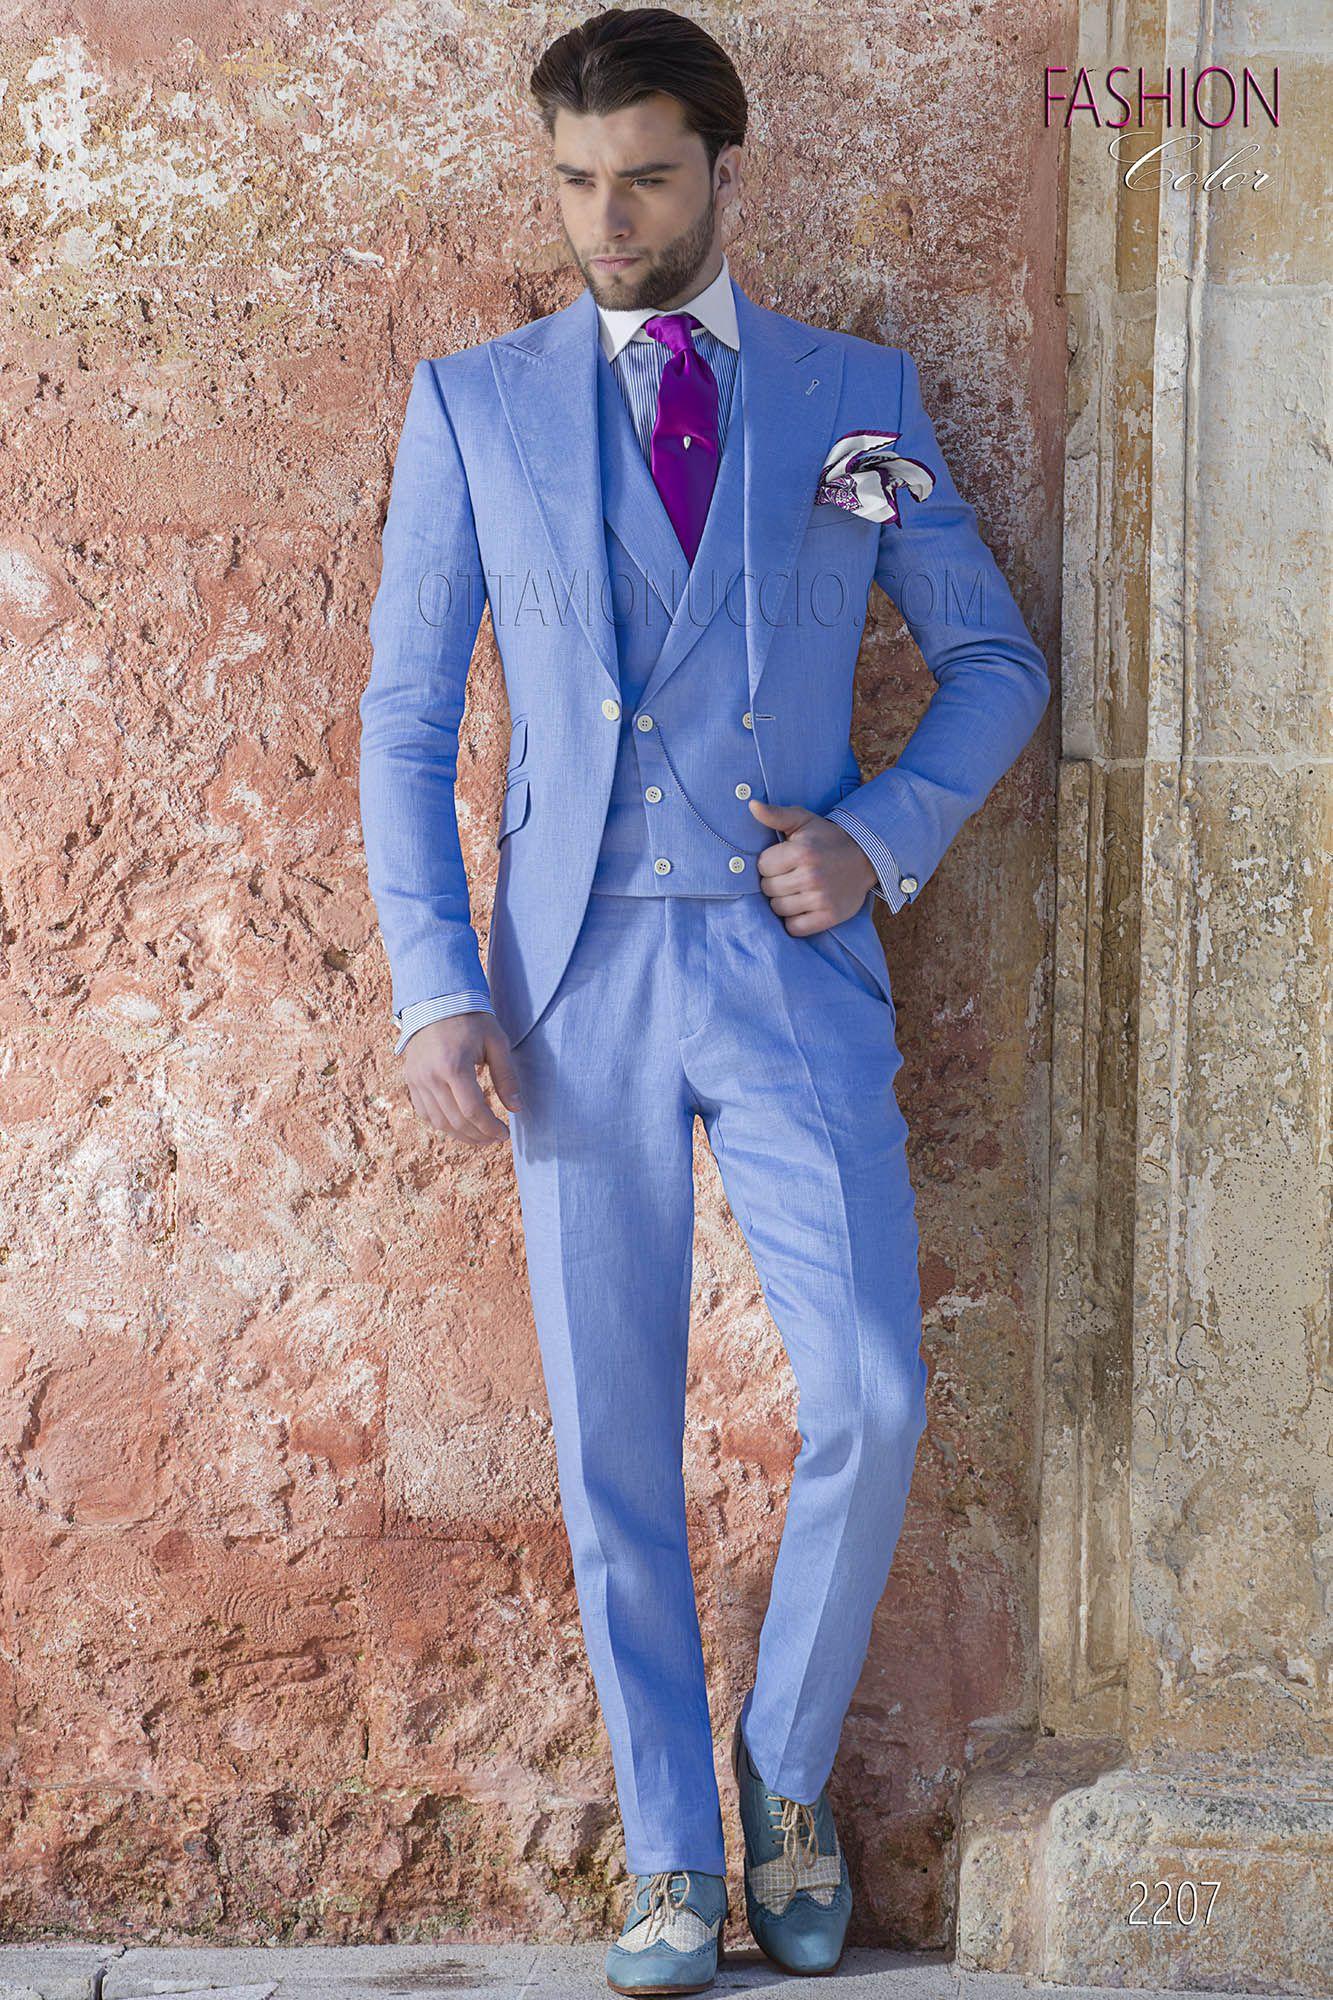 Abito da cerimonia uomo fashion in puro lino celeste. Completo ONGala 2207 81b5822b63d